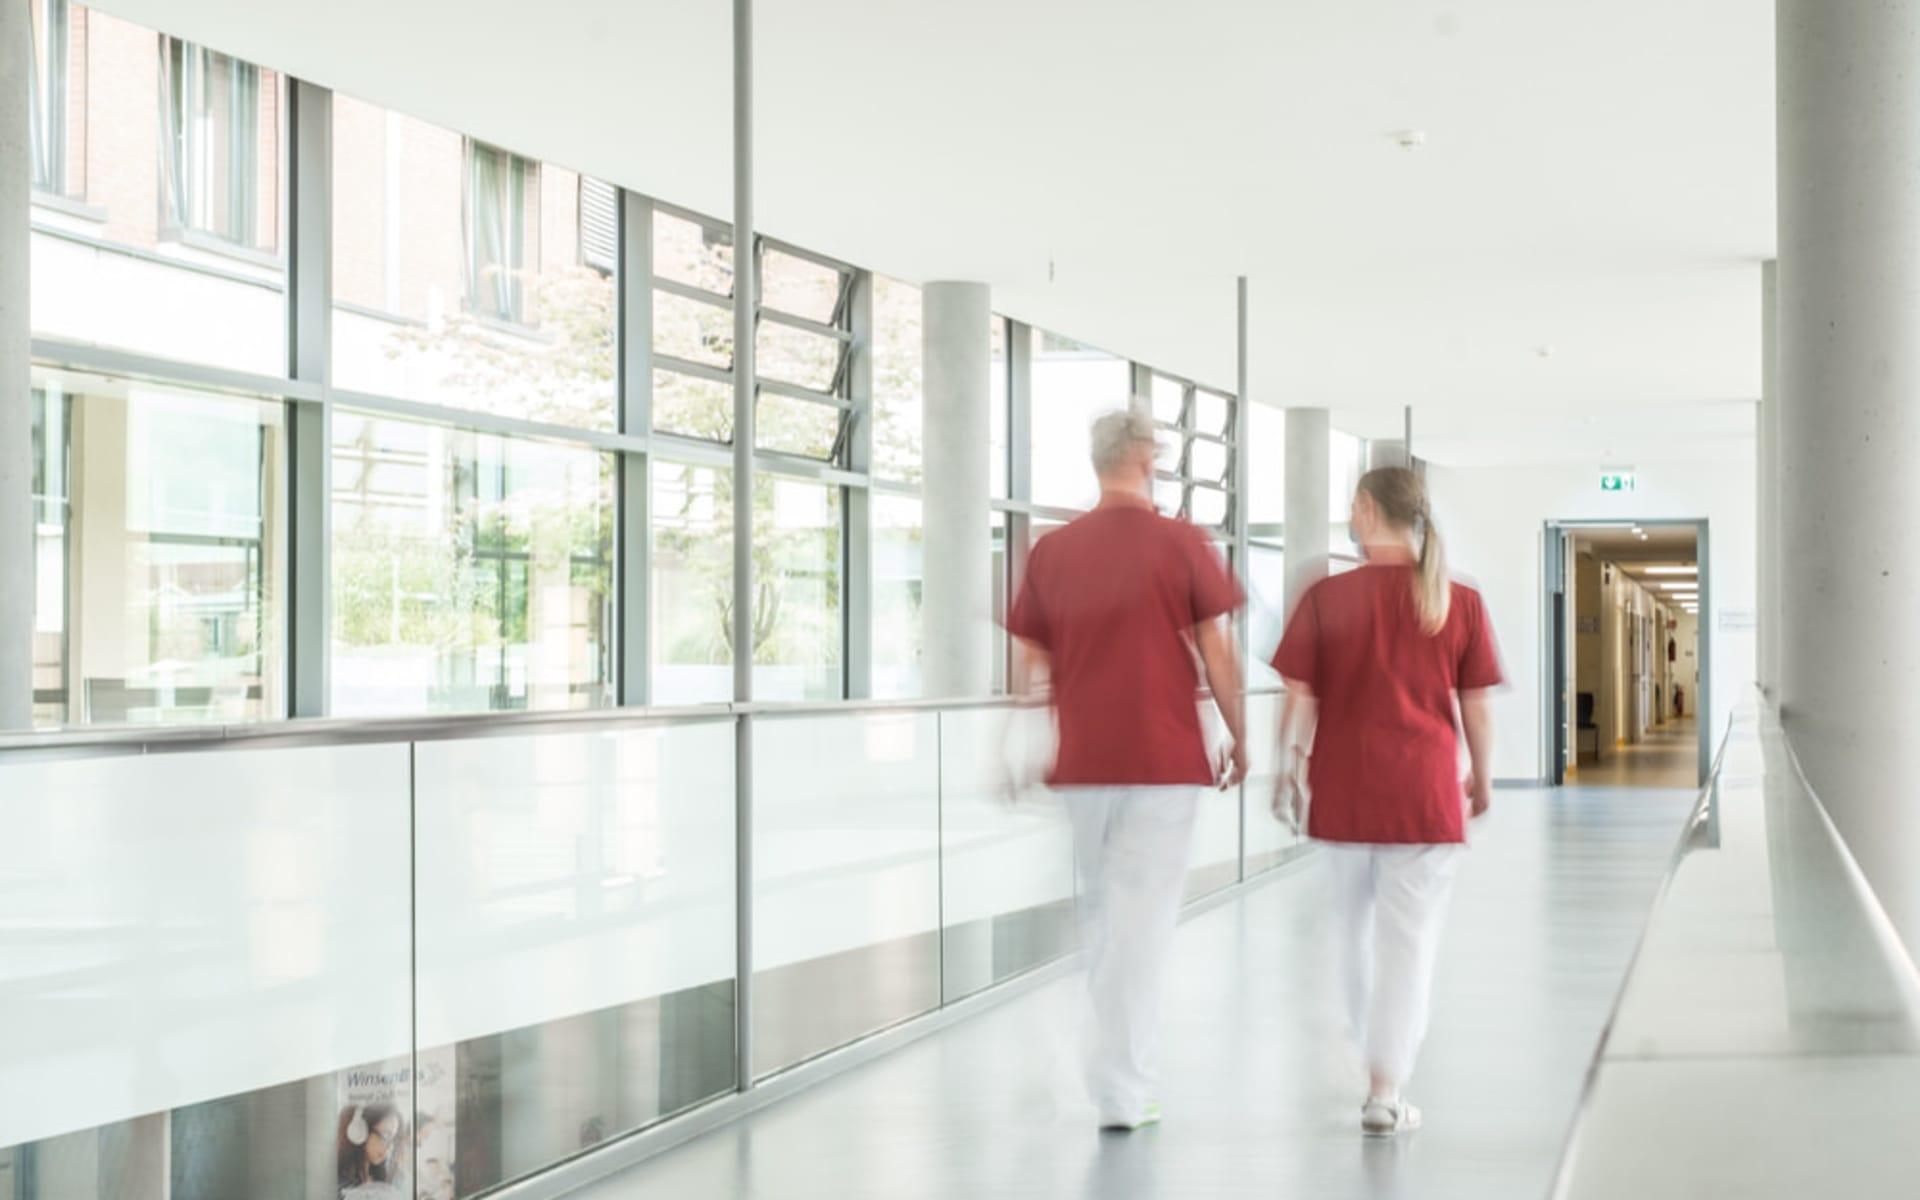 Standort Krankenhaus Winsen Krankenhaus Buchholz und Winsen gemeinnützige GmbH